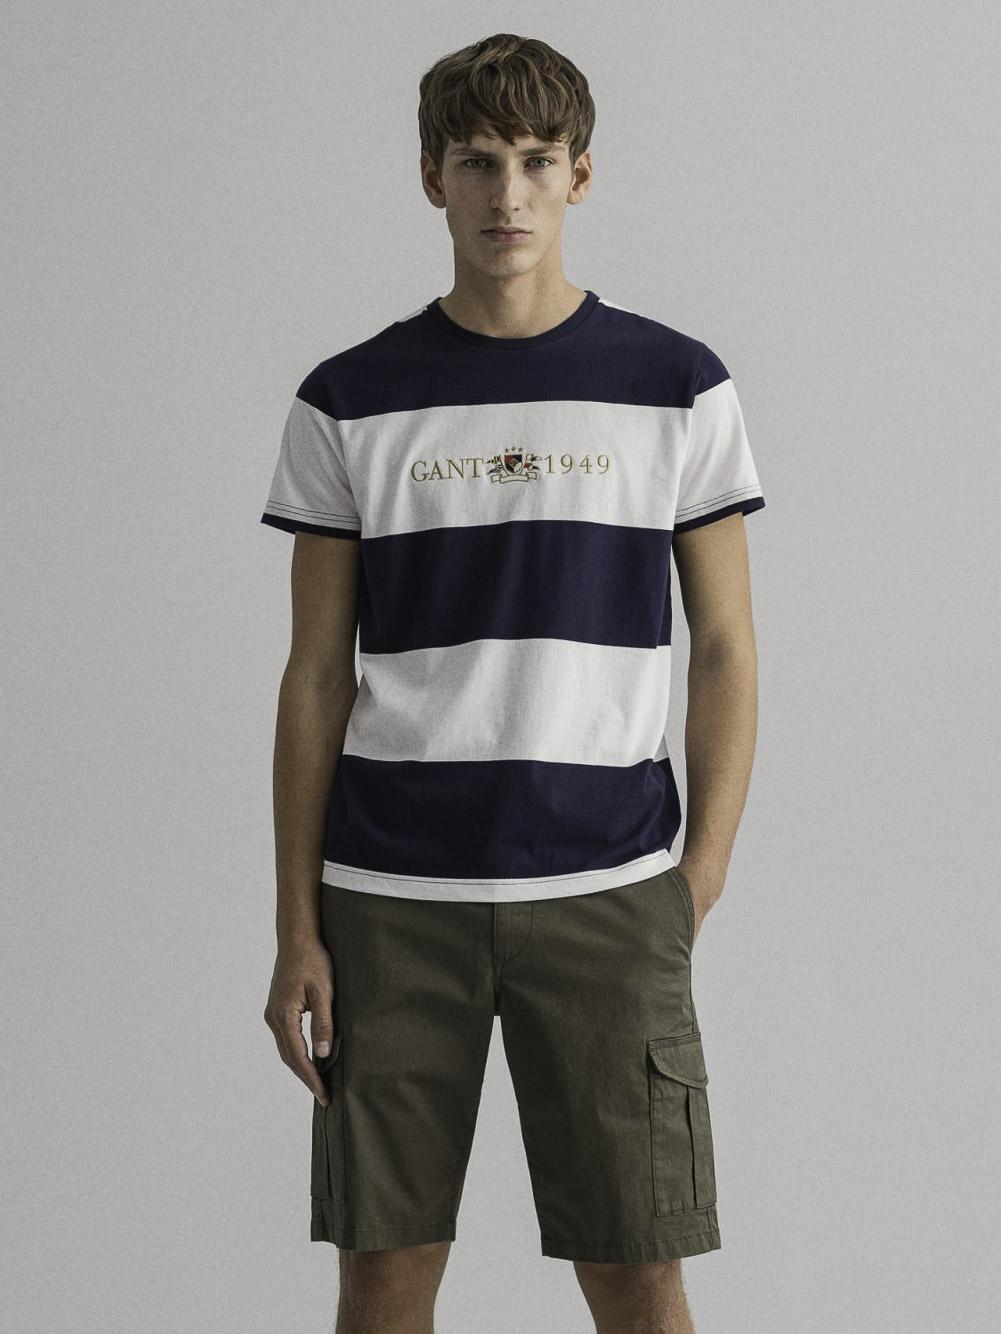 GANT Μπλούζα t-shirt 3G2023021-409 ΜΠΛΕ